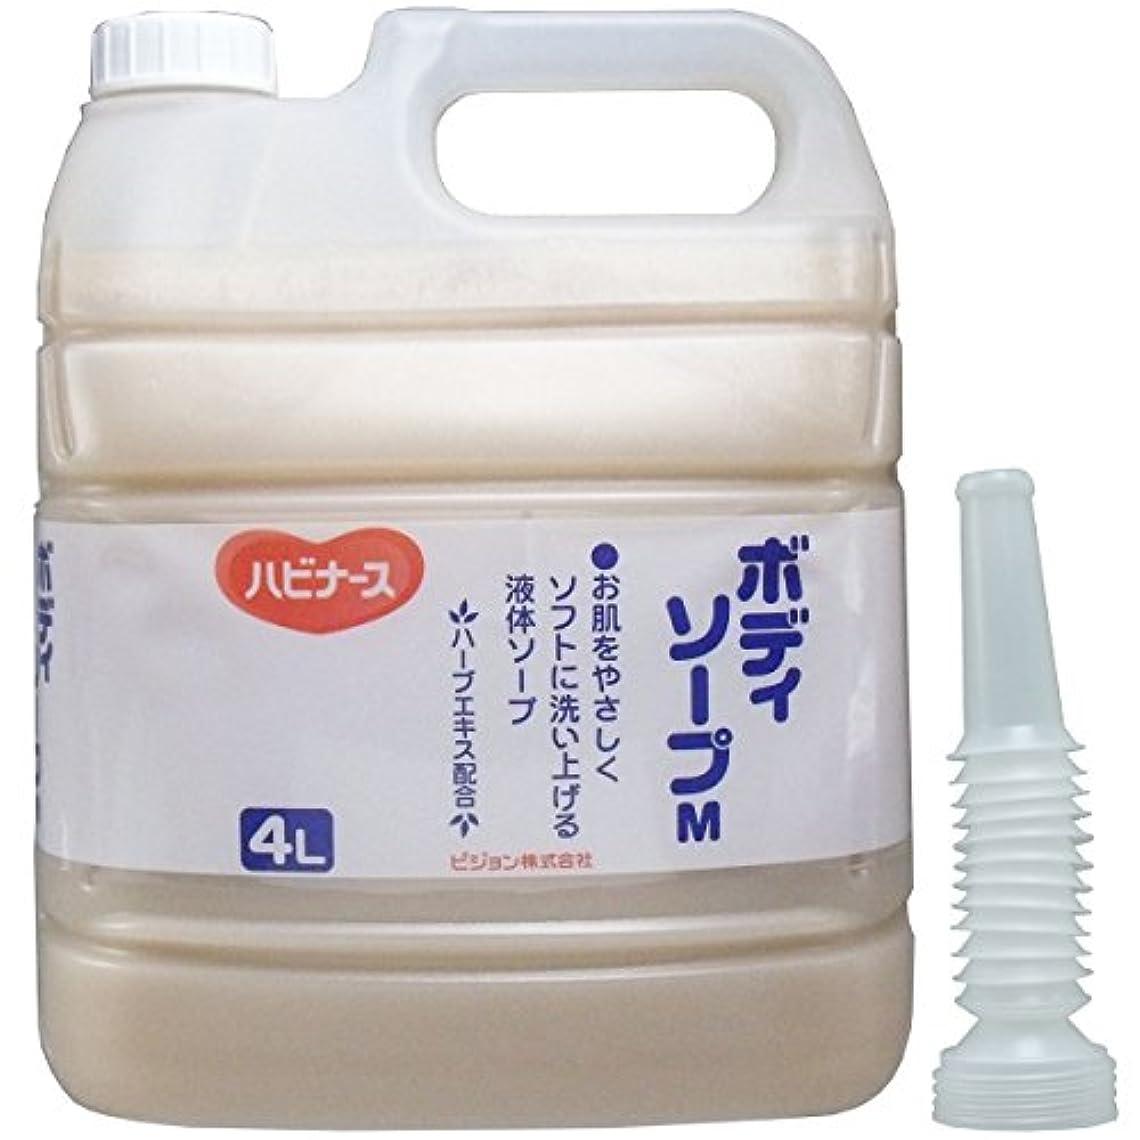 救いガス安価なハビナース ボディソープM 業務用 4L【5個セット】